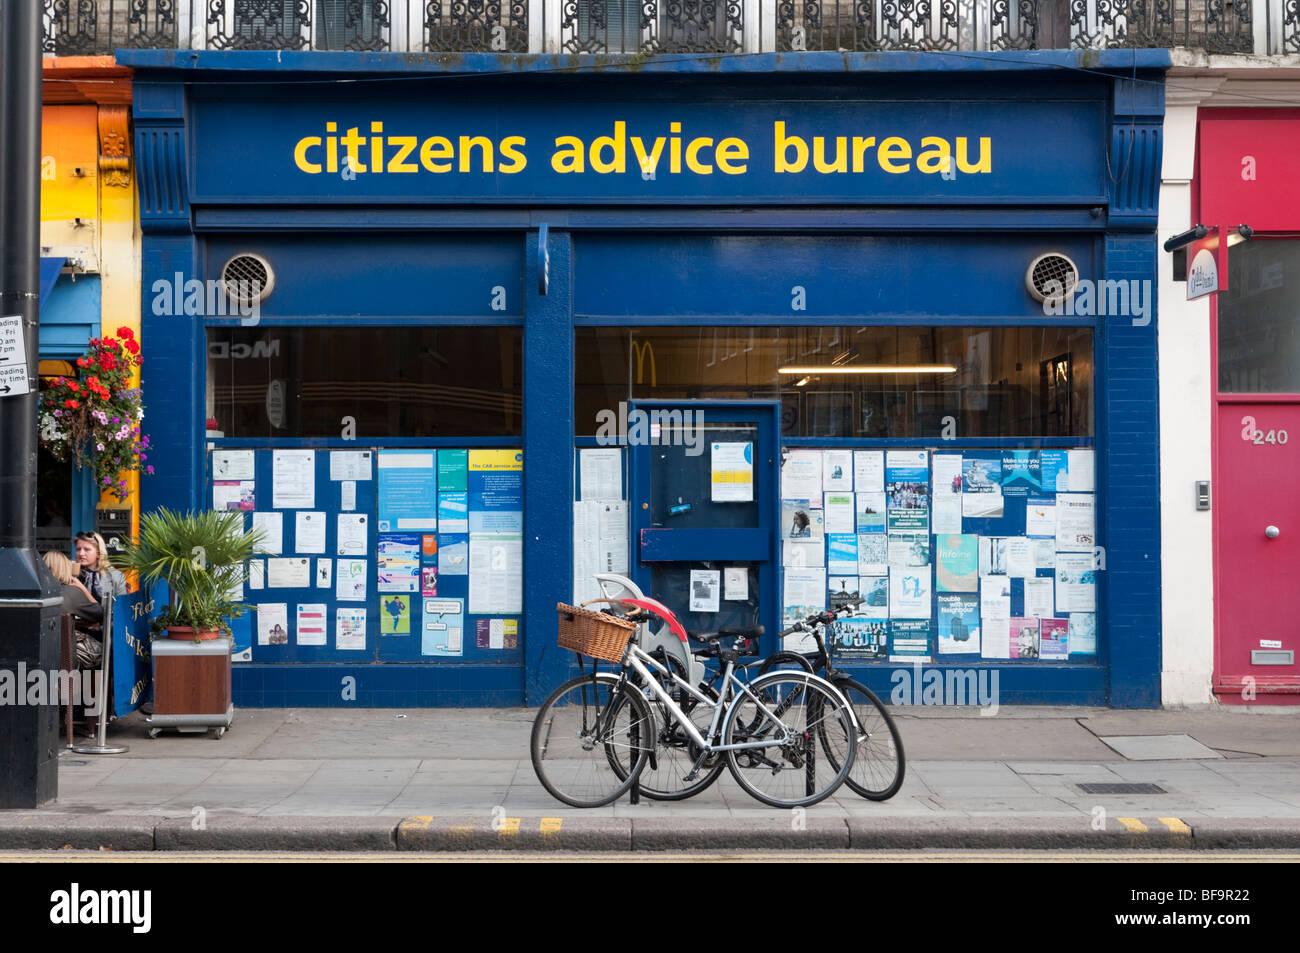 Citizens Advice Bureau in London, England, Regno Unito Immagini Stock